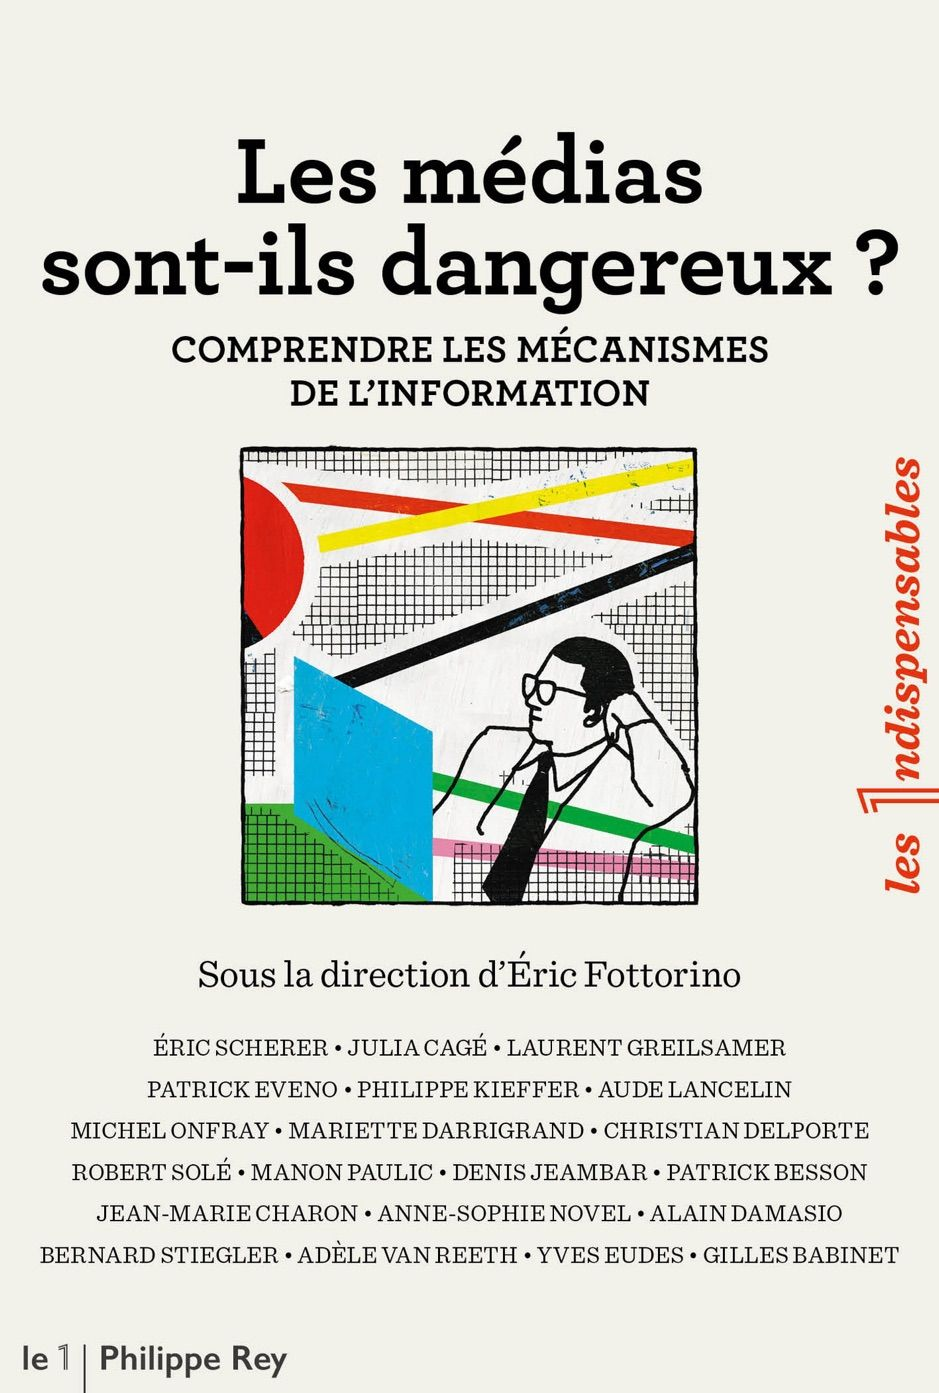 Les Medias Sont Ils Dangereux Ad Sont Ils Dangereux Download Ad Mockup Design Logo Mockup Convenience Store Products